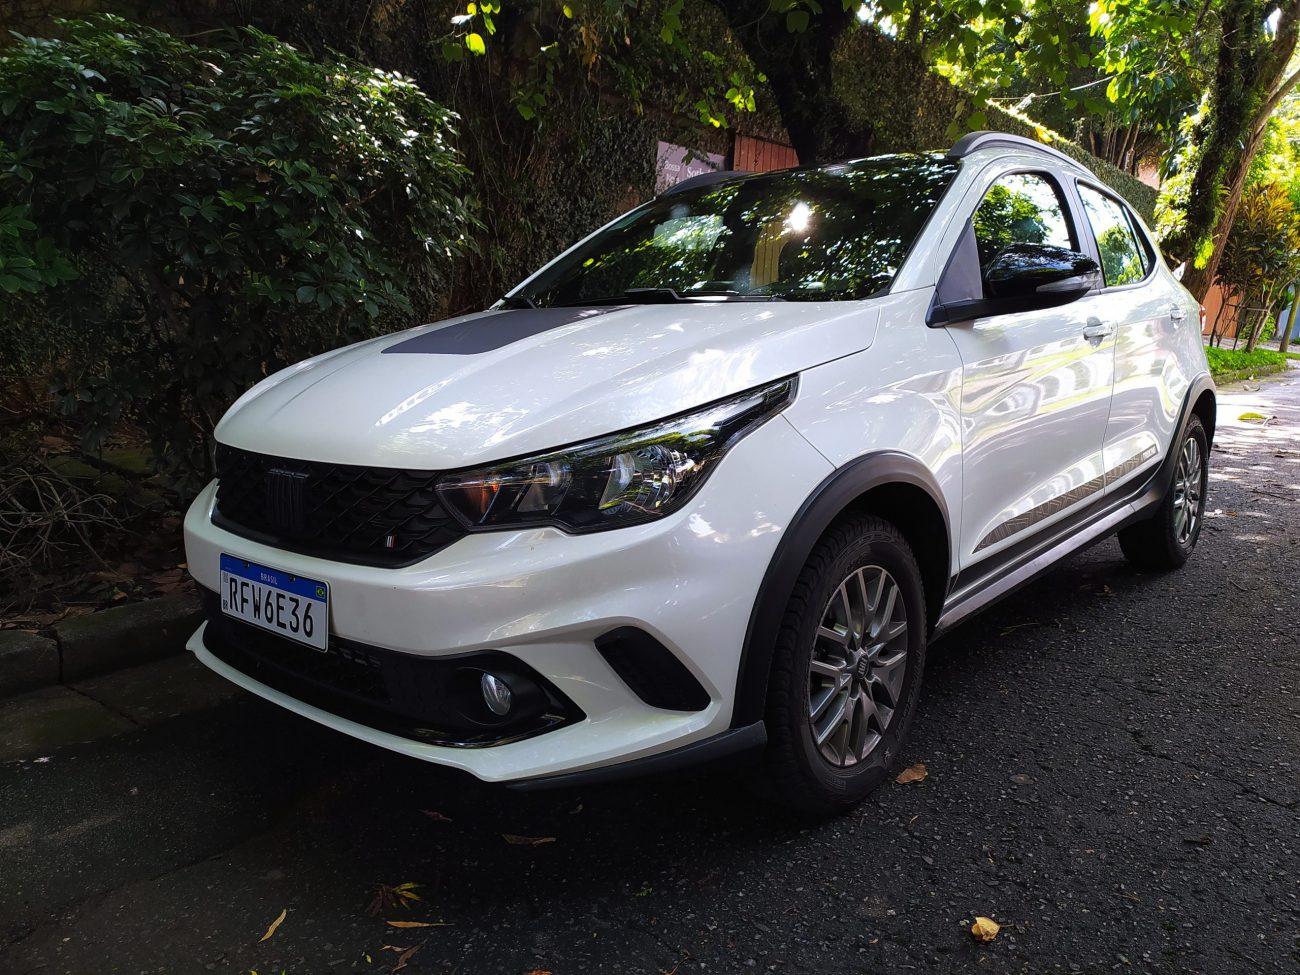 Avaliação: Fiat Argo Trekking 1.8 agrada, mas preço é de Renegade